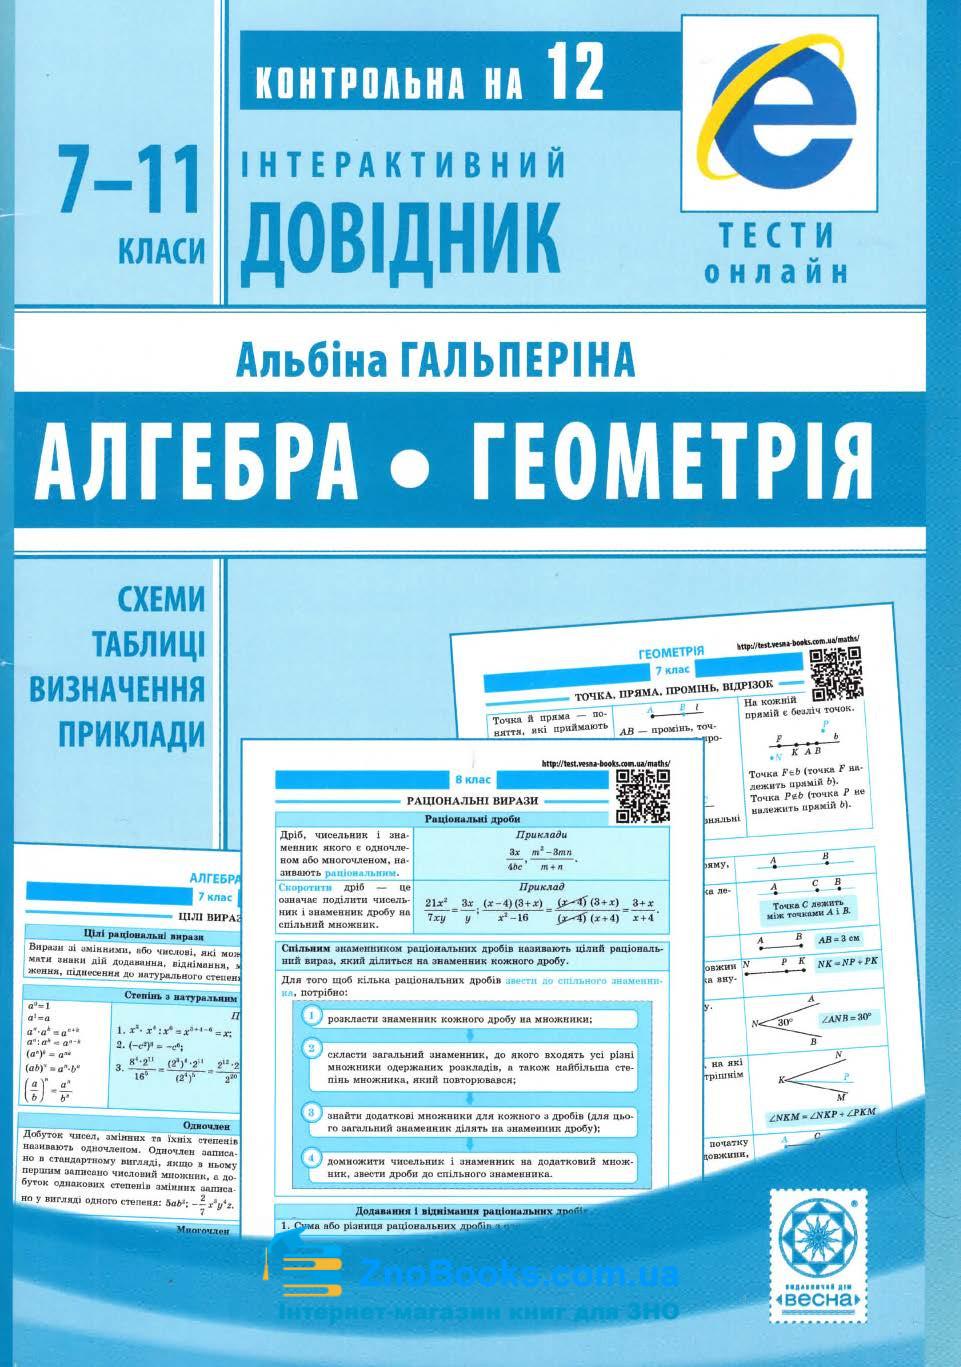 Довідник 7-11 клас з алгебри та геометрії. Підготовка до ЗНО та ДПА. Гальперіна А. Весна 0